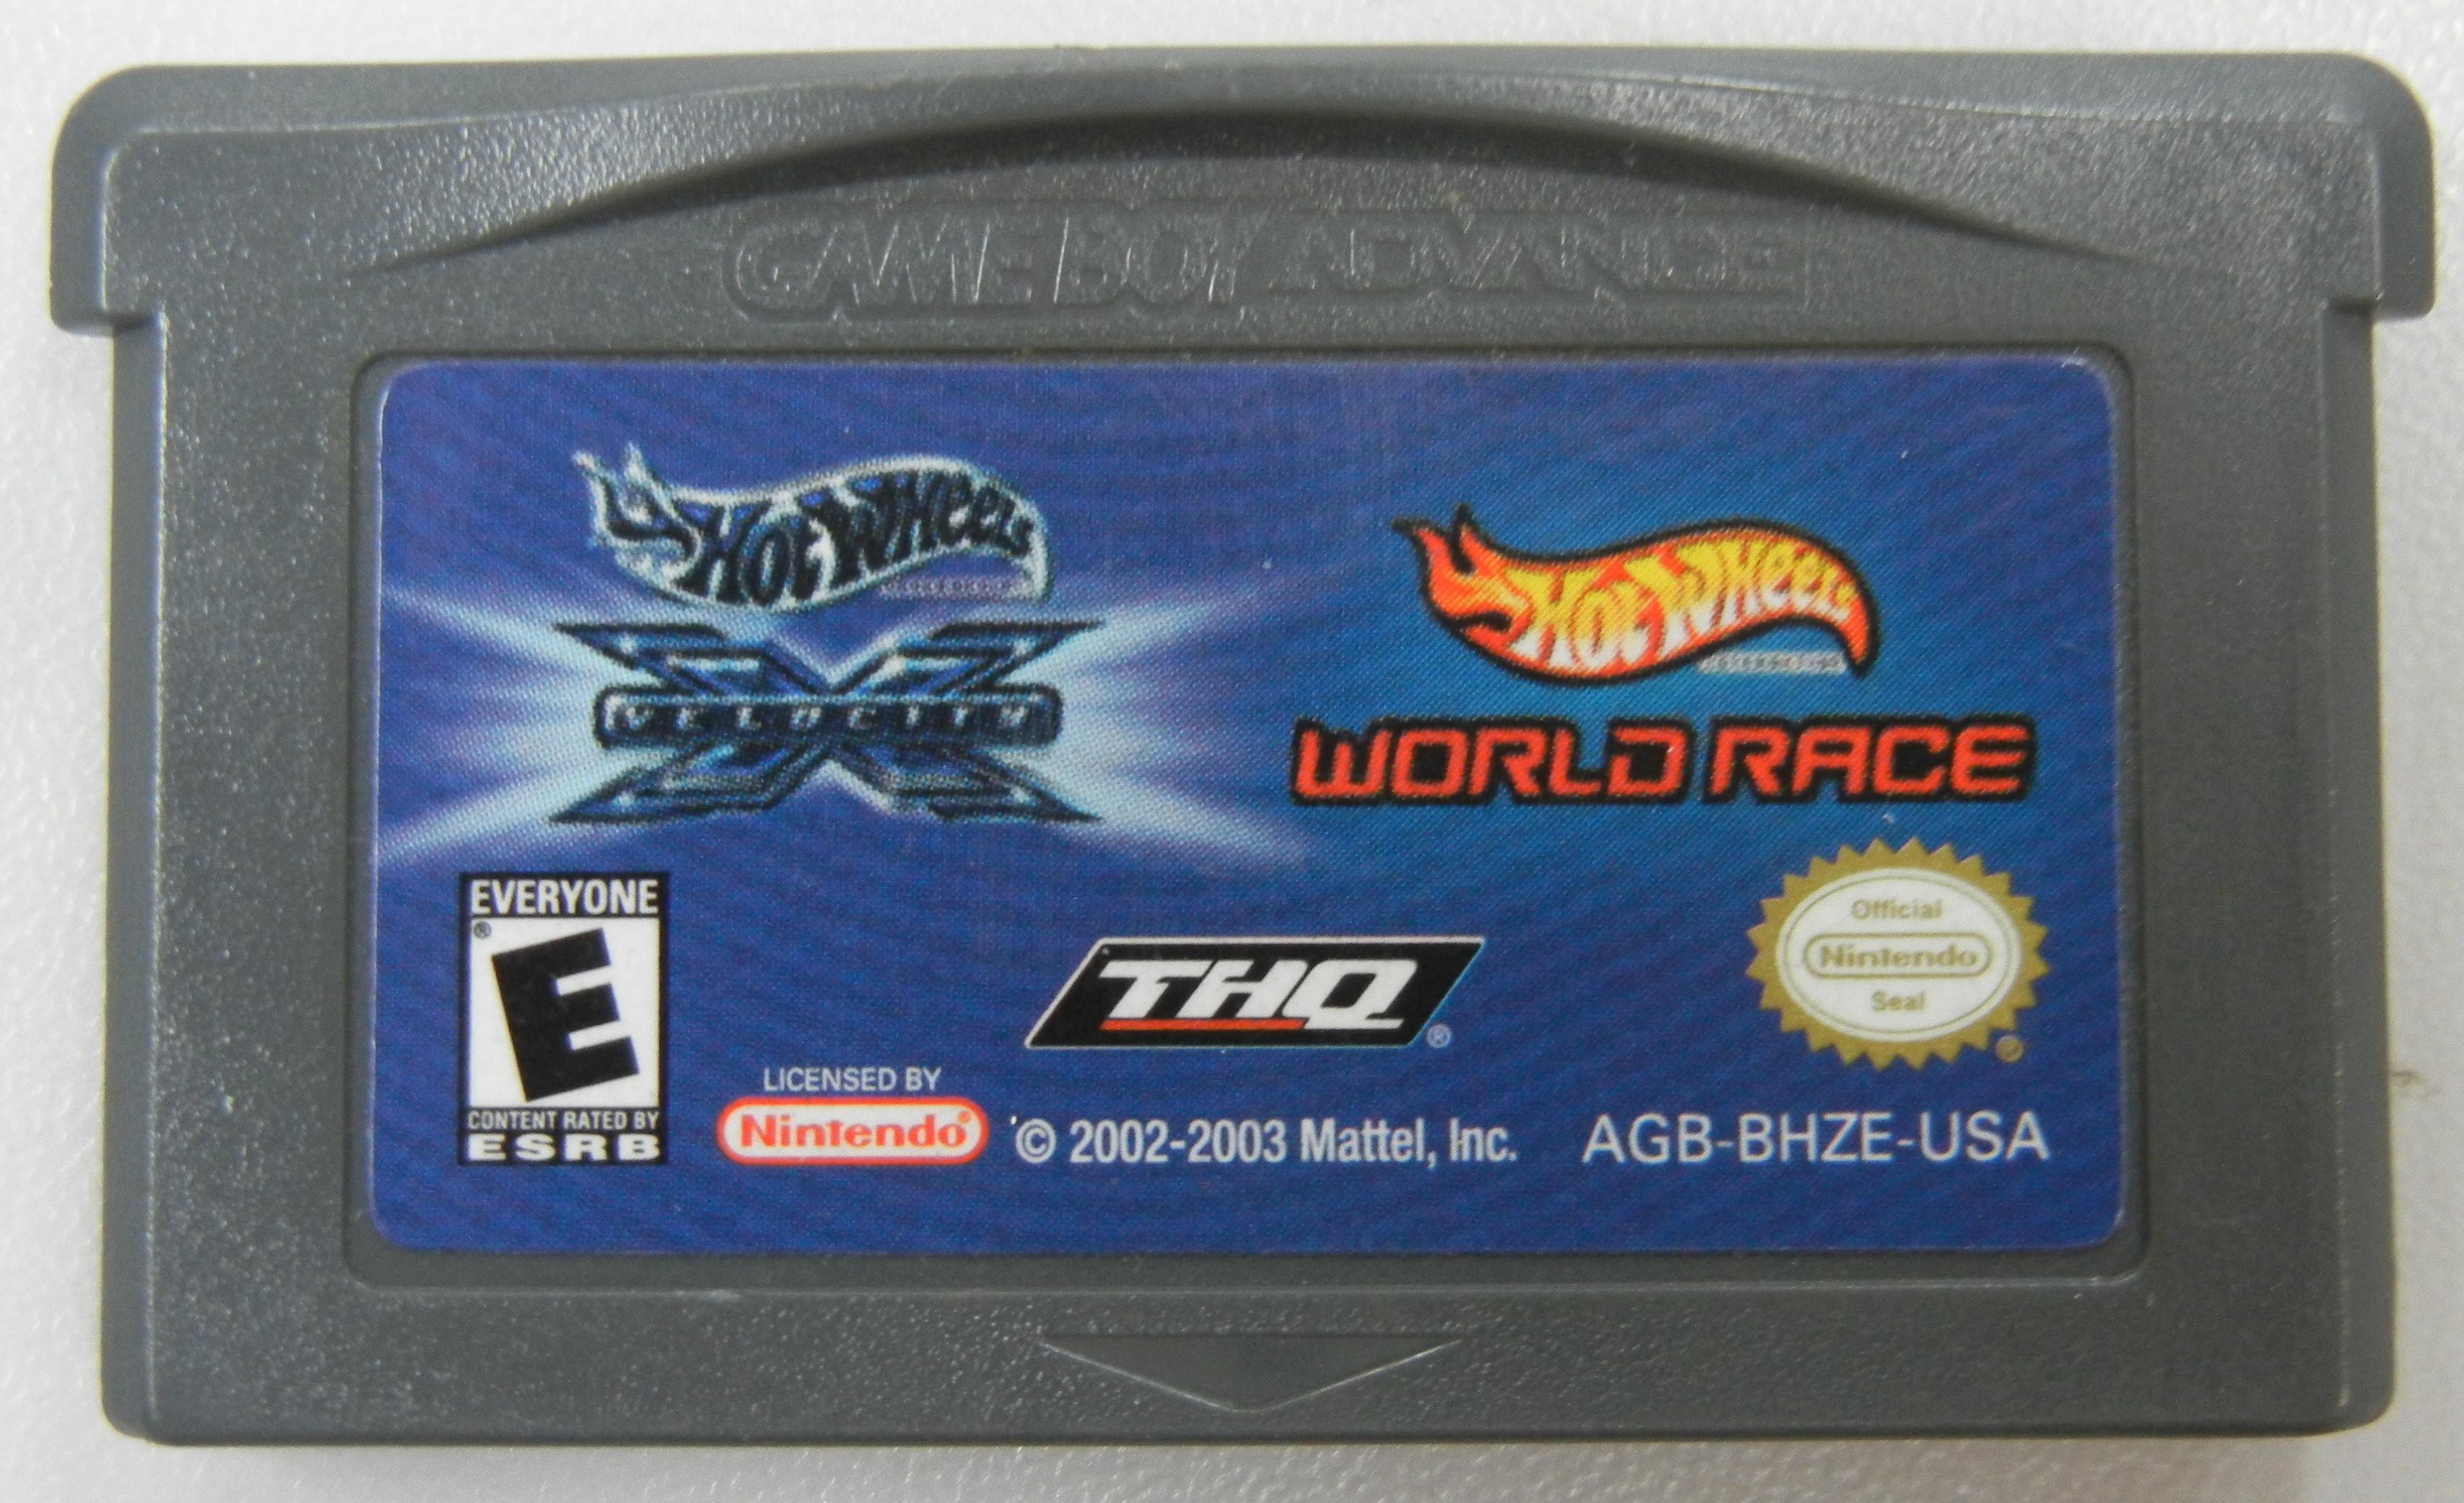 HOT WHEELS WORLD RACE - GAMEBOY ADVANCE GAMES